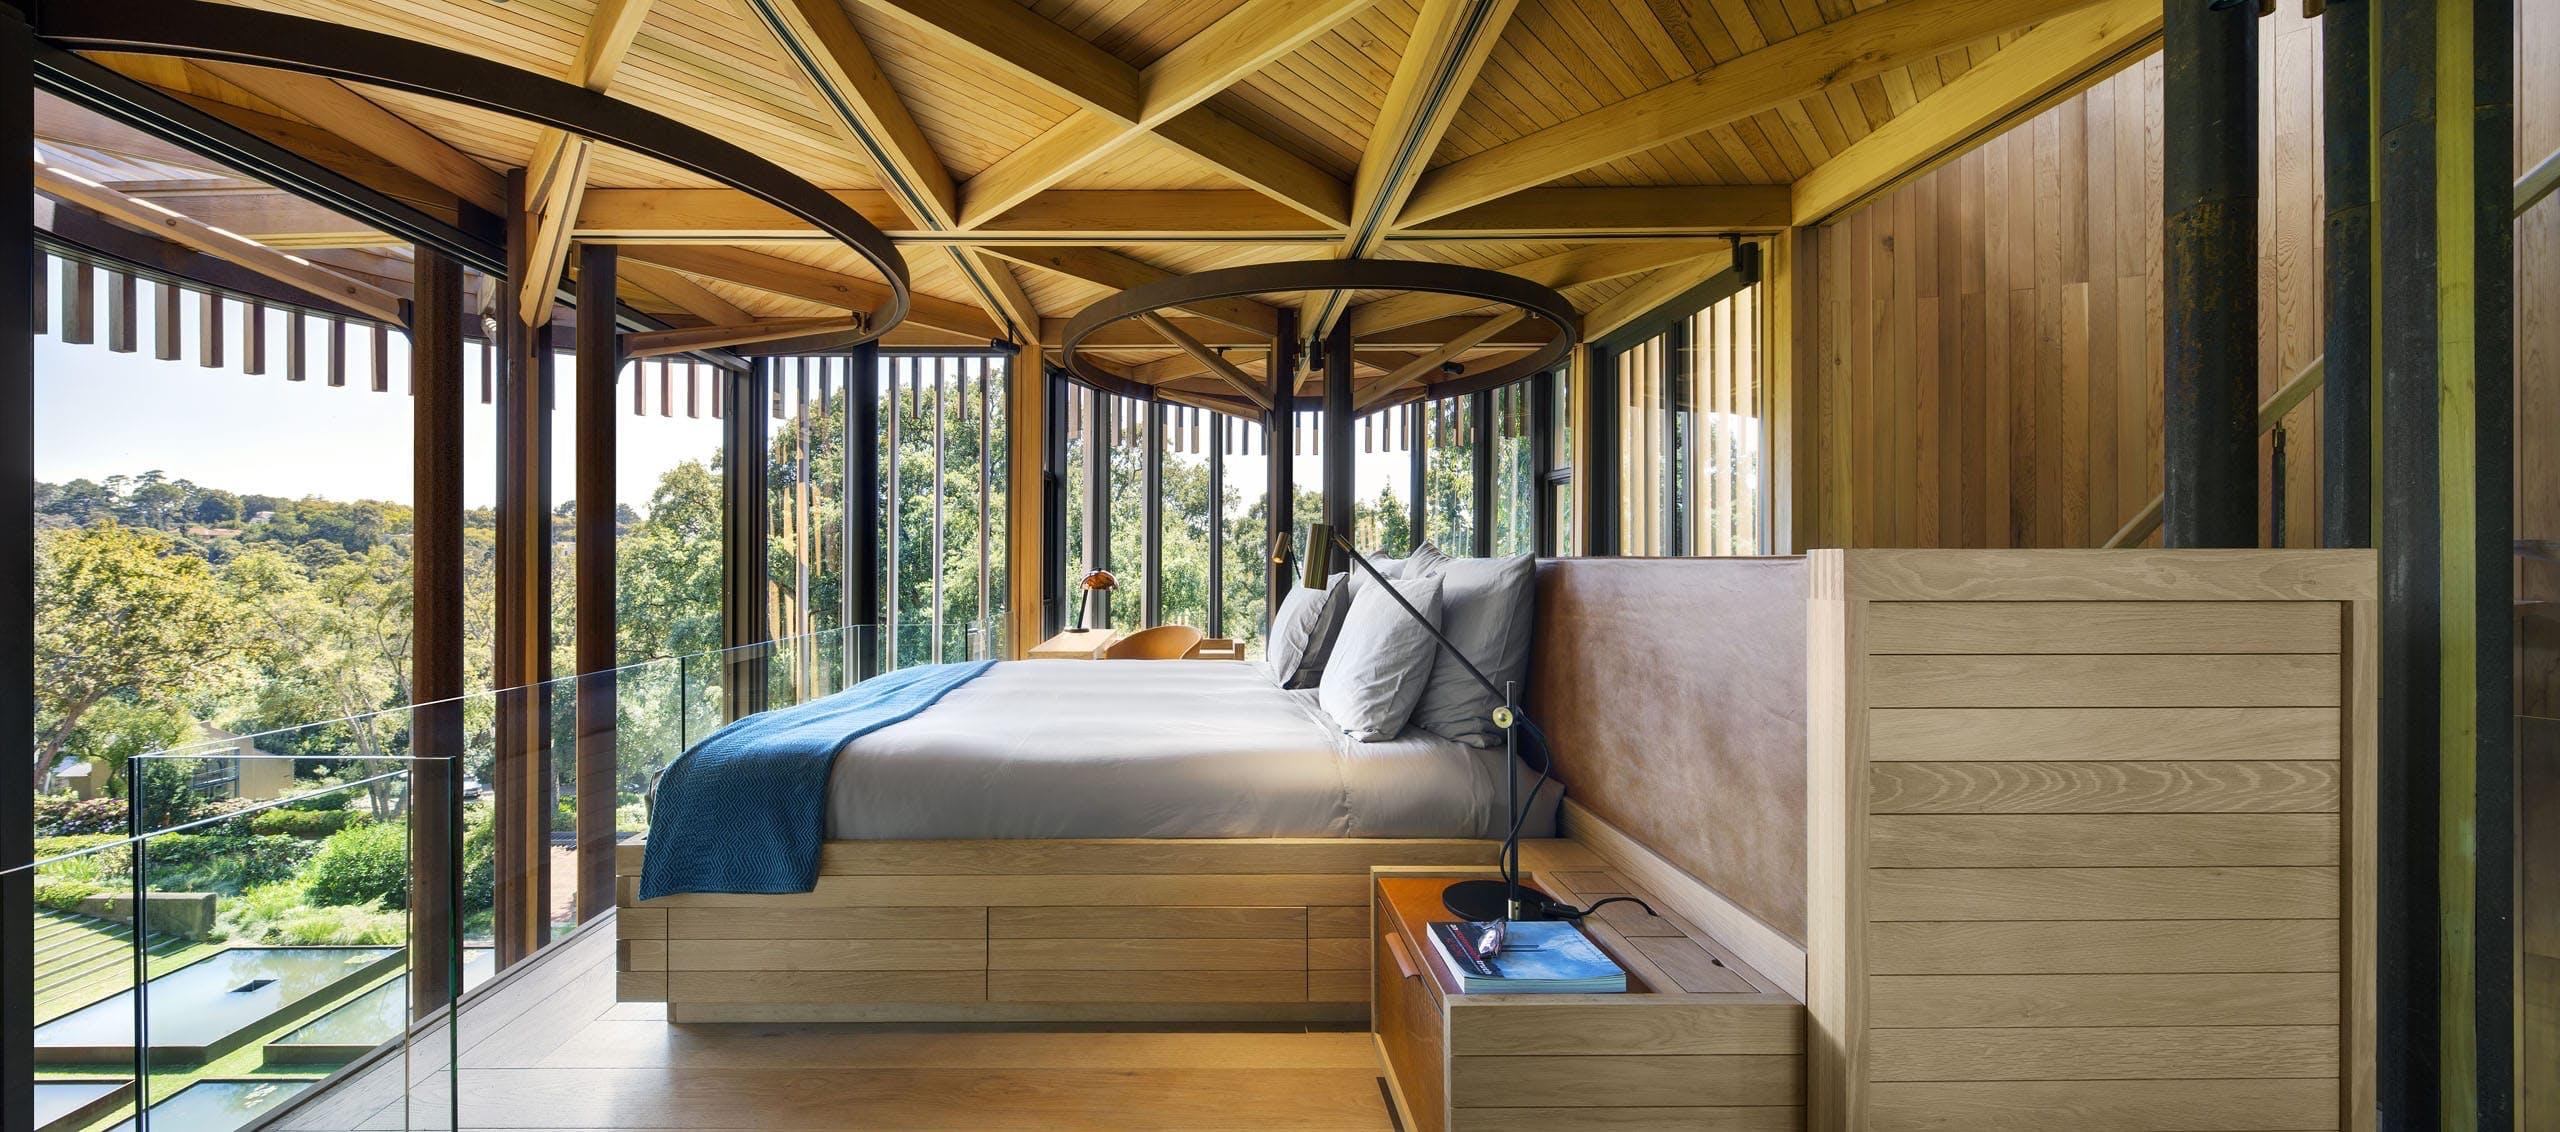 Soveværelse udsigt luksus sydafrika